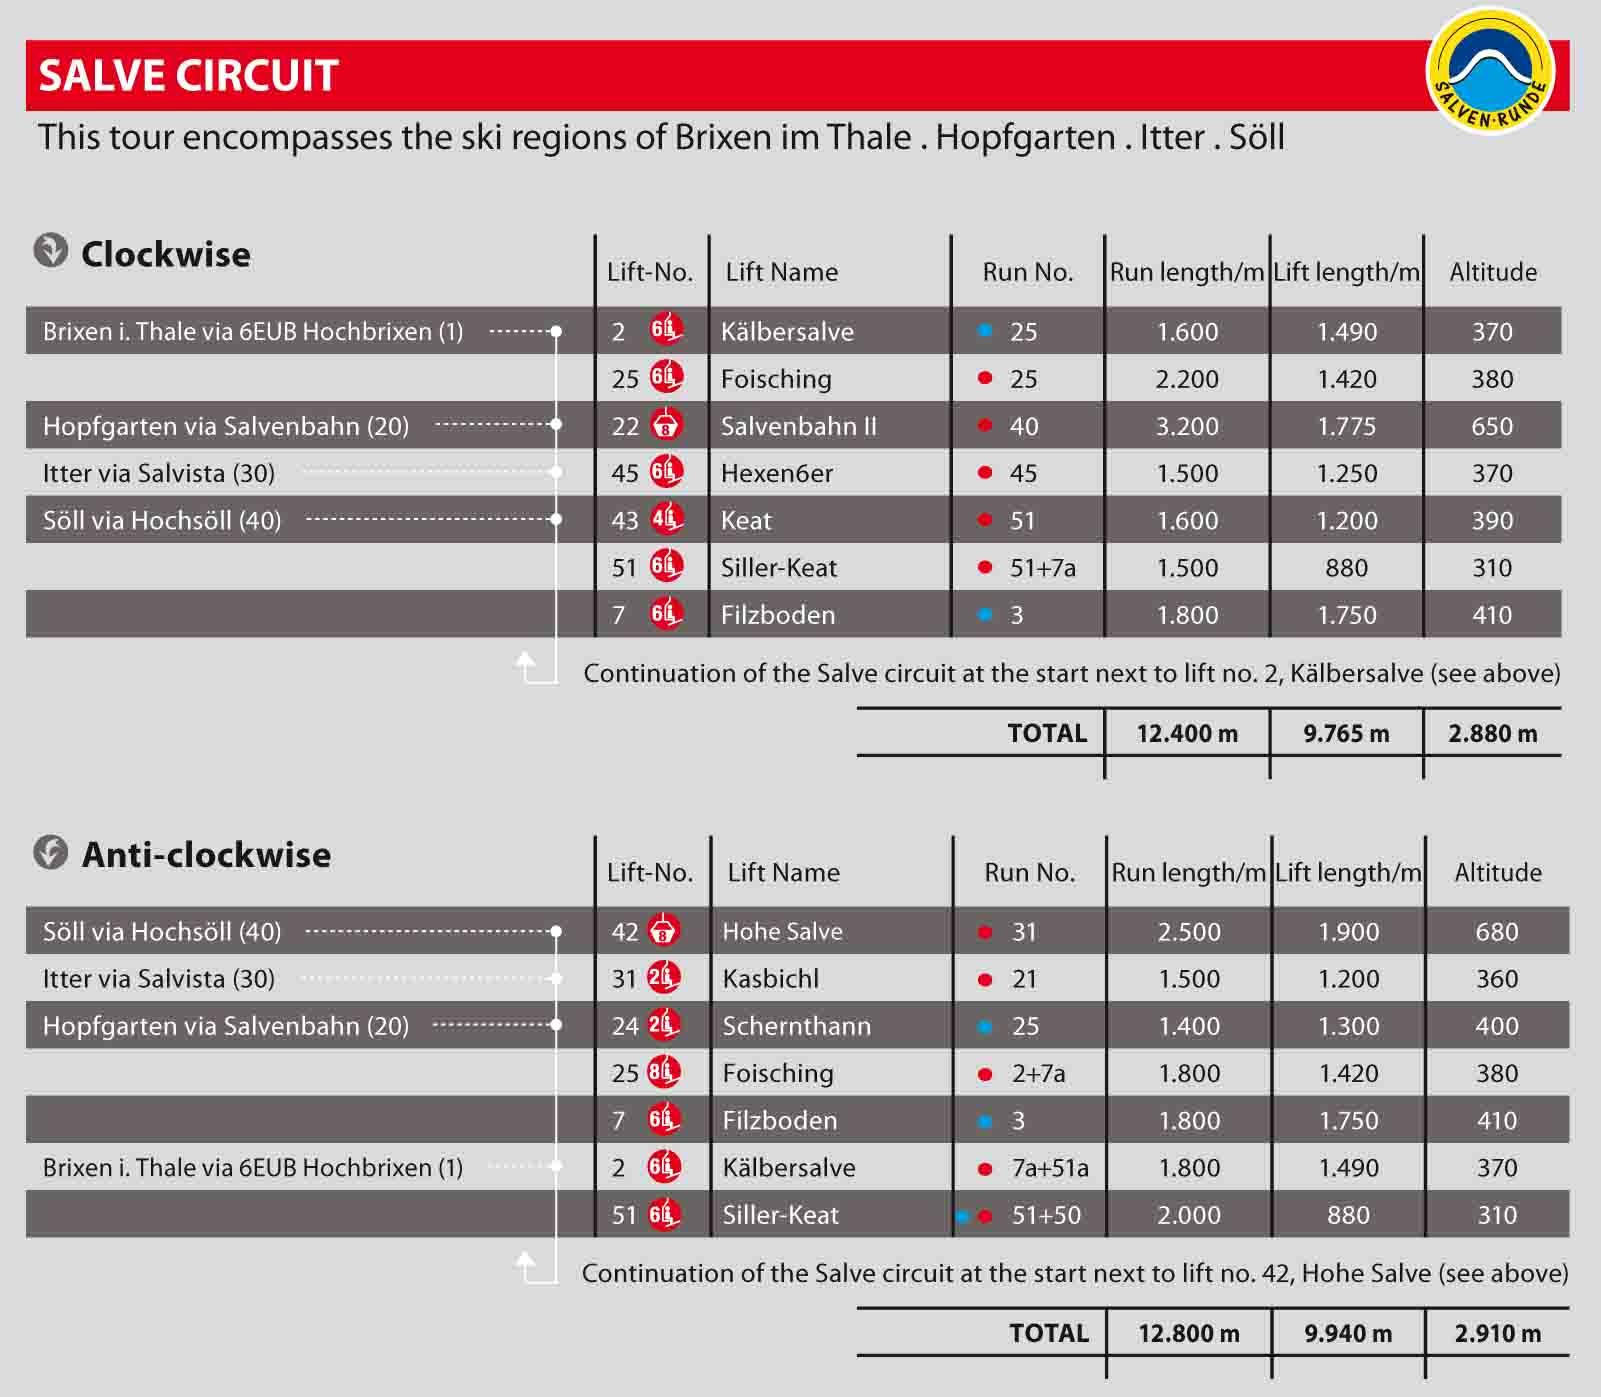 08-2646 SKIWELT Preisliste Info und Tarife 08-09 EN v5.indd